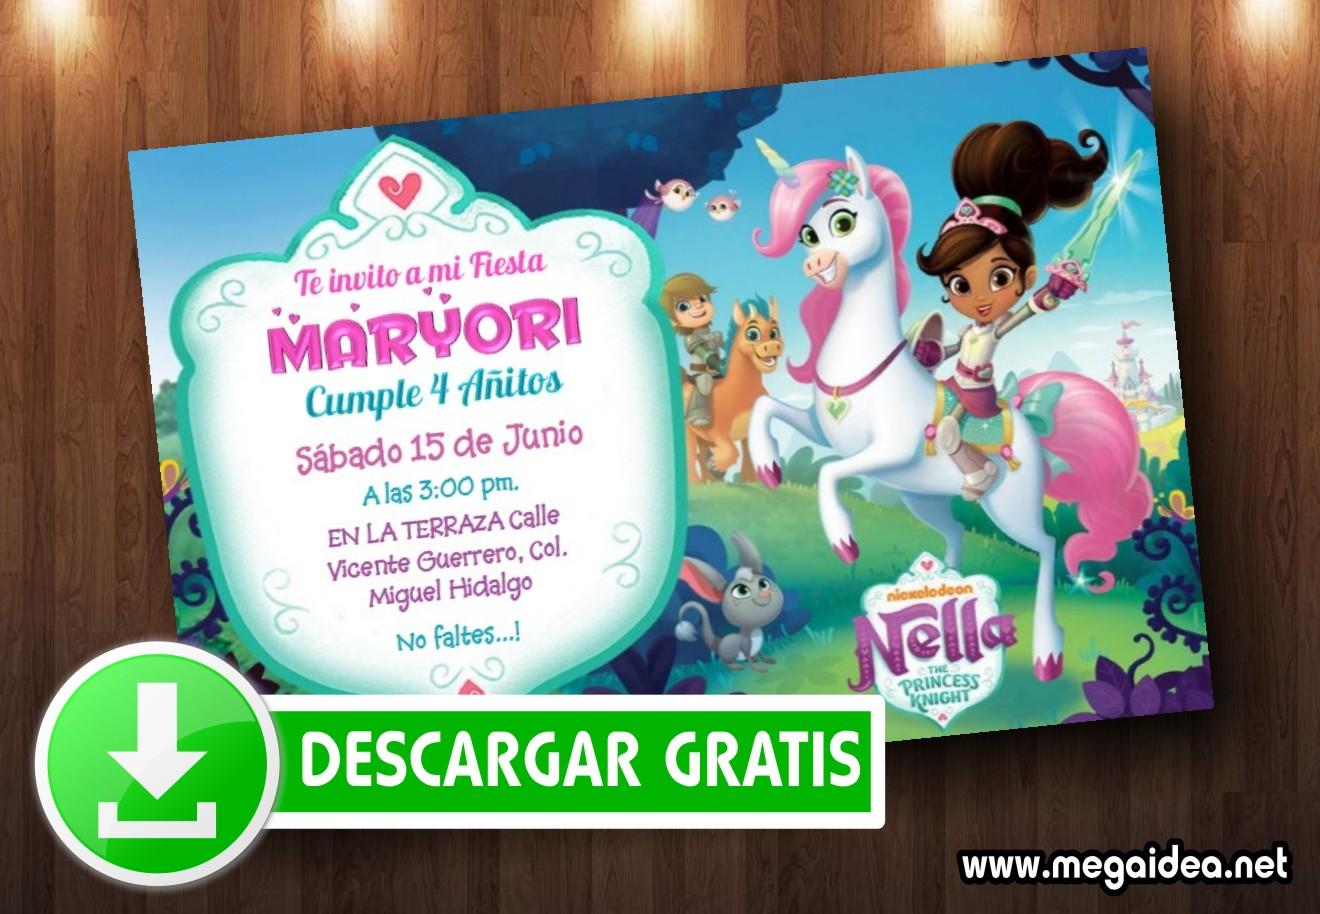 Invitaciones Nella La Princesa Valiente Gratis Mega Idea